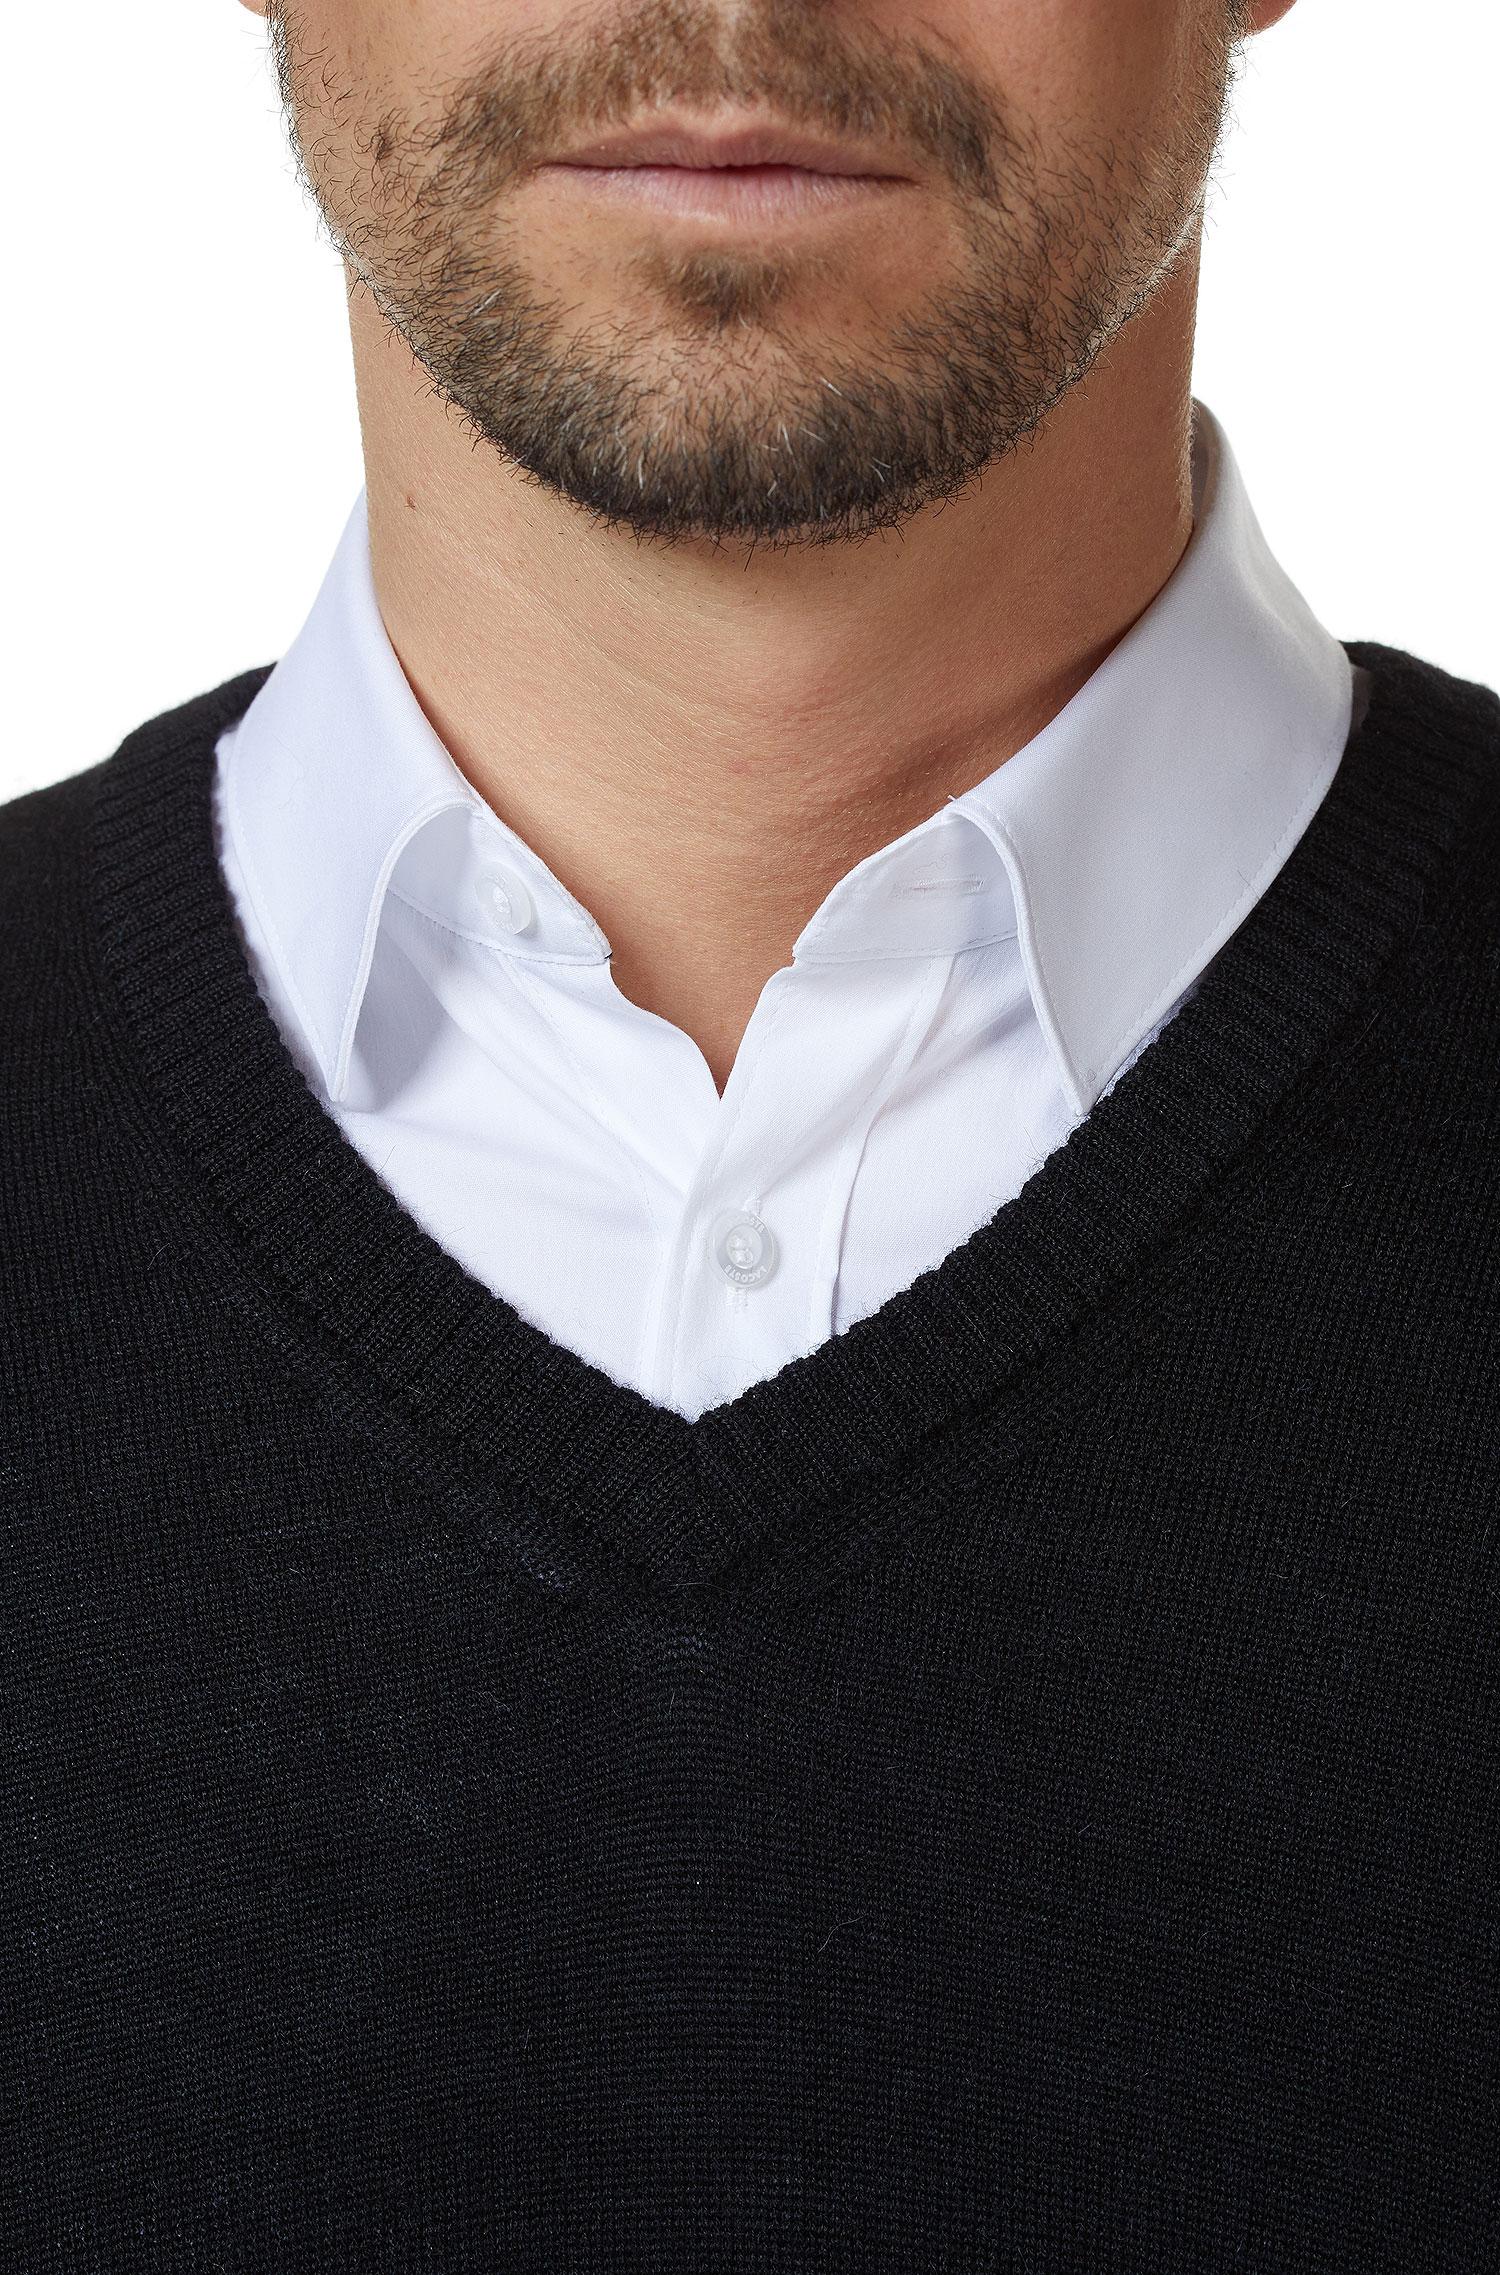 Zwarte V Hals Trui.Heren Trui Zwart Alpaca Wol Alpaca Fashion